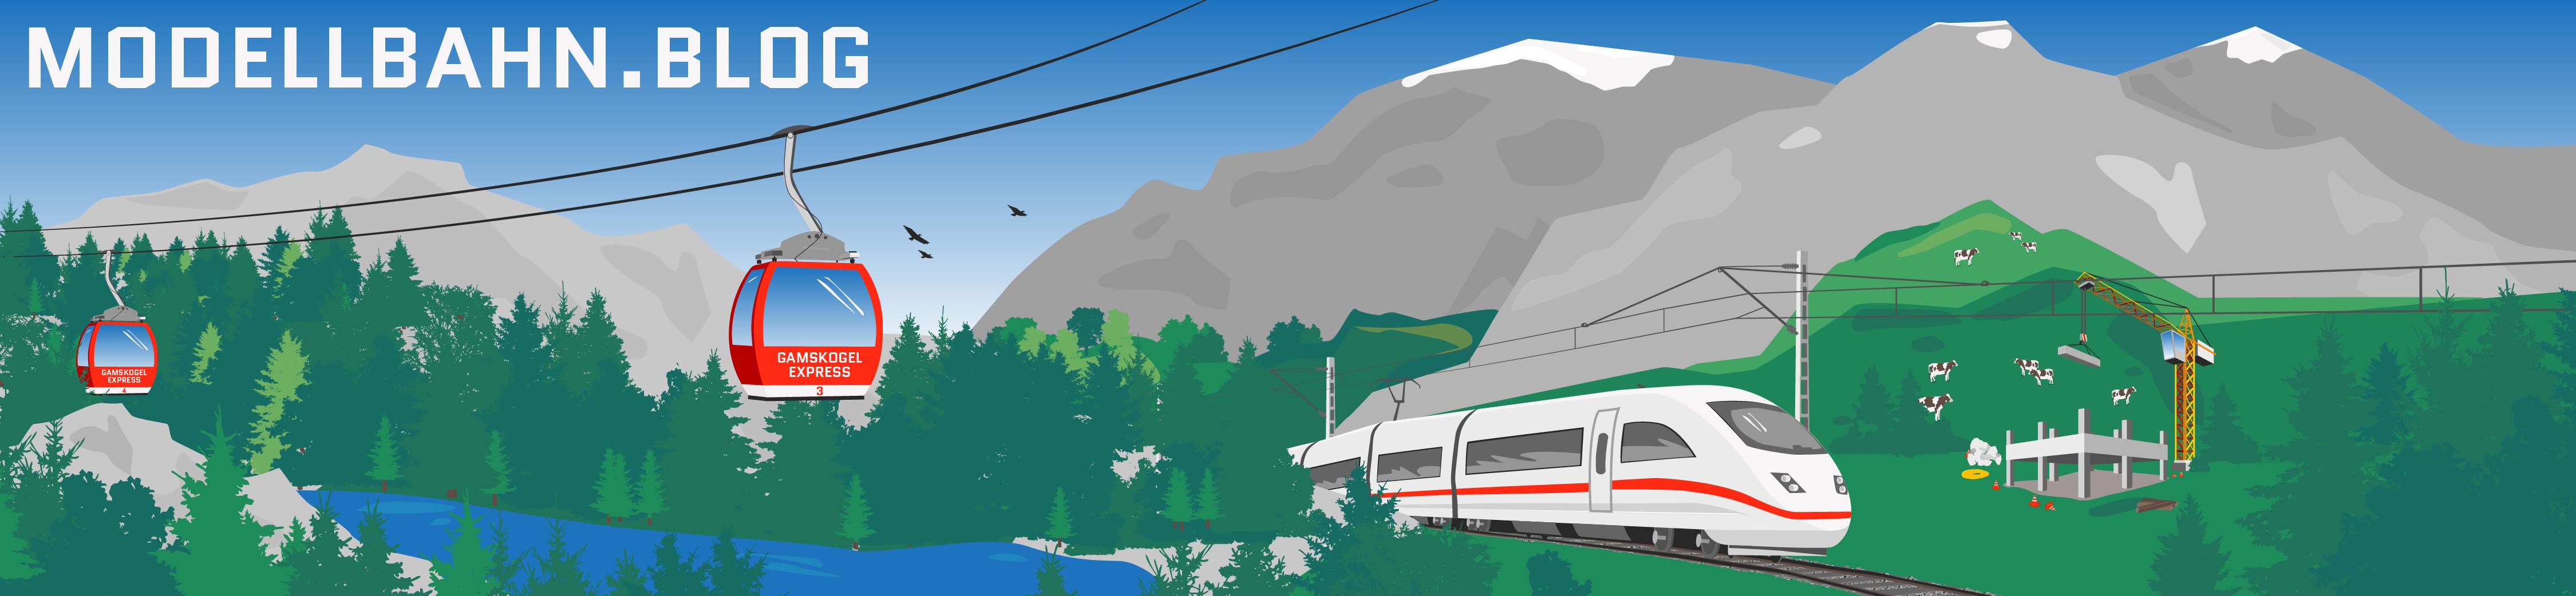 Modellbahnblog Ein Blog Rund Ums Thema Modellbahn Und Dem Aufbau Einer Grosseren Anlage